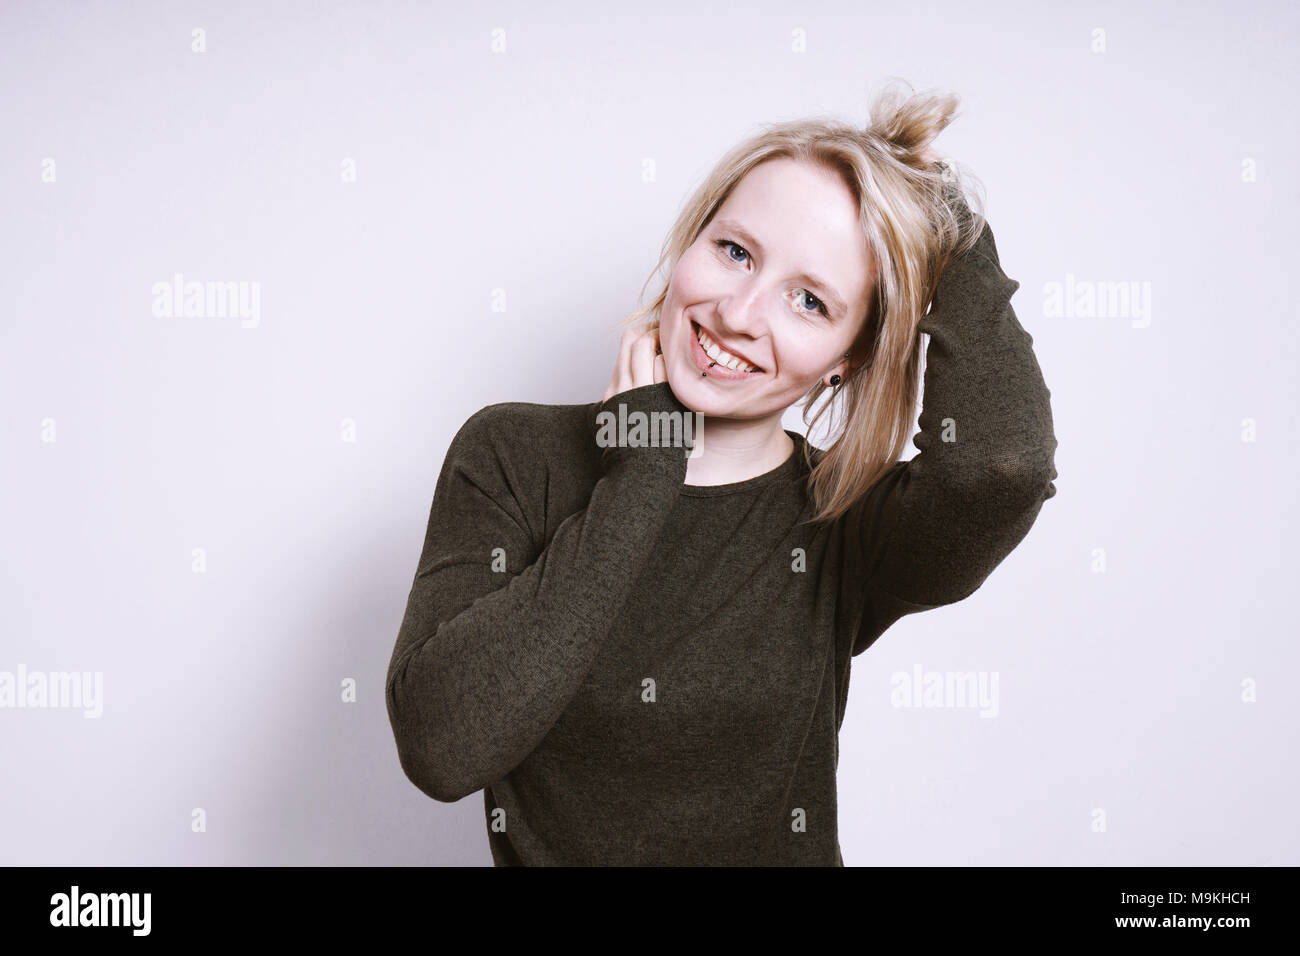 Feliz joven sonriente con las manos en el cabello Imagen De Stock